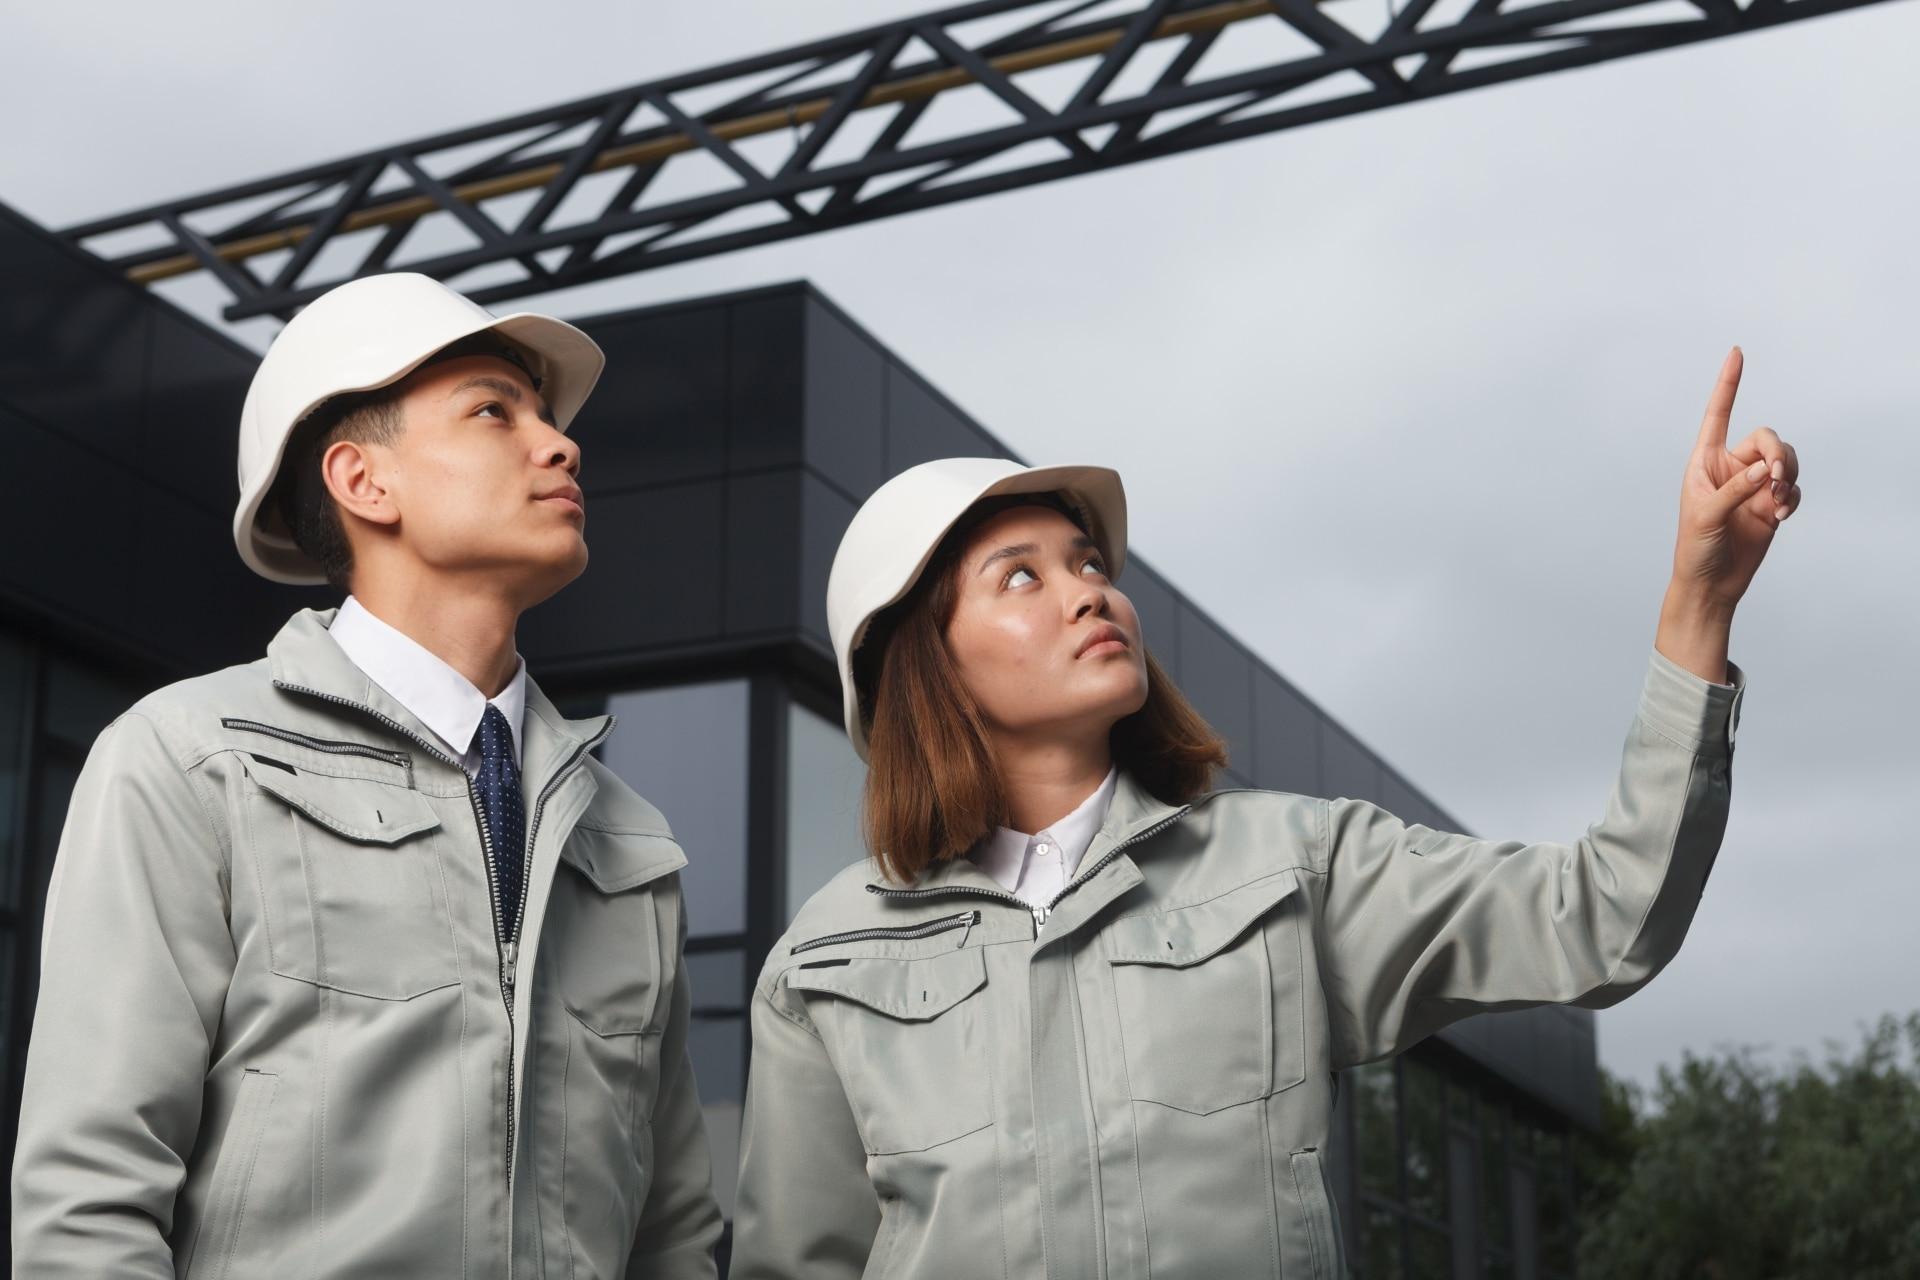 上を見上げる製造業の社員